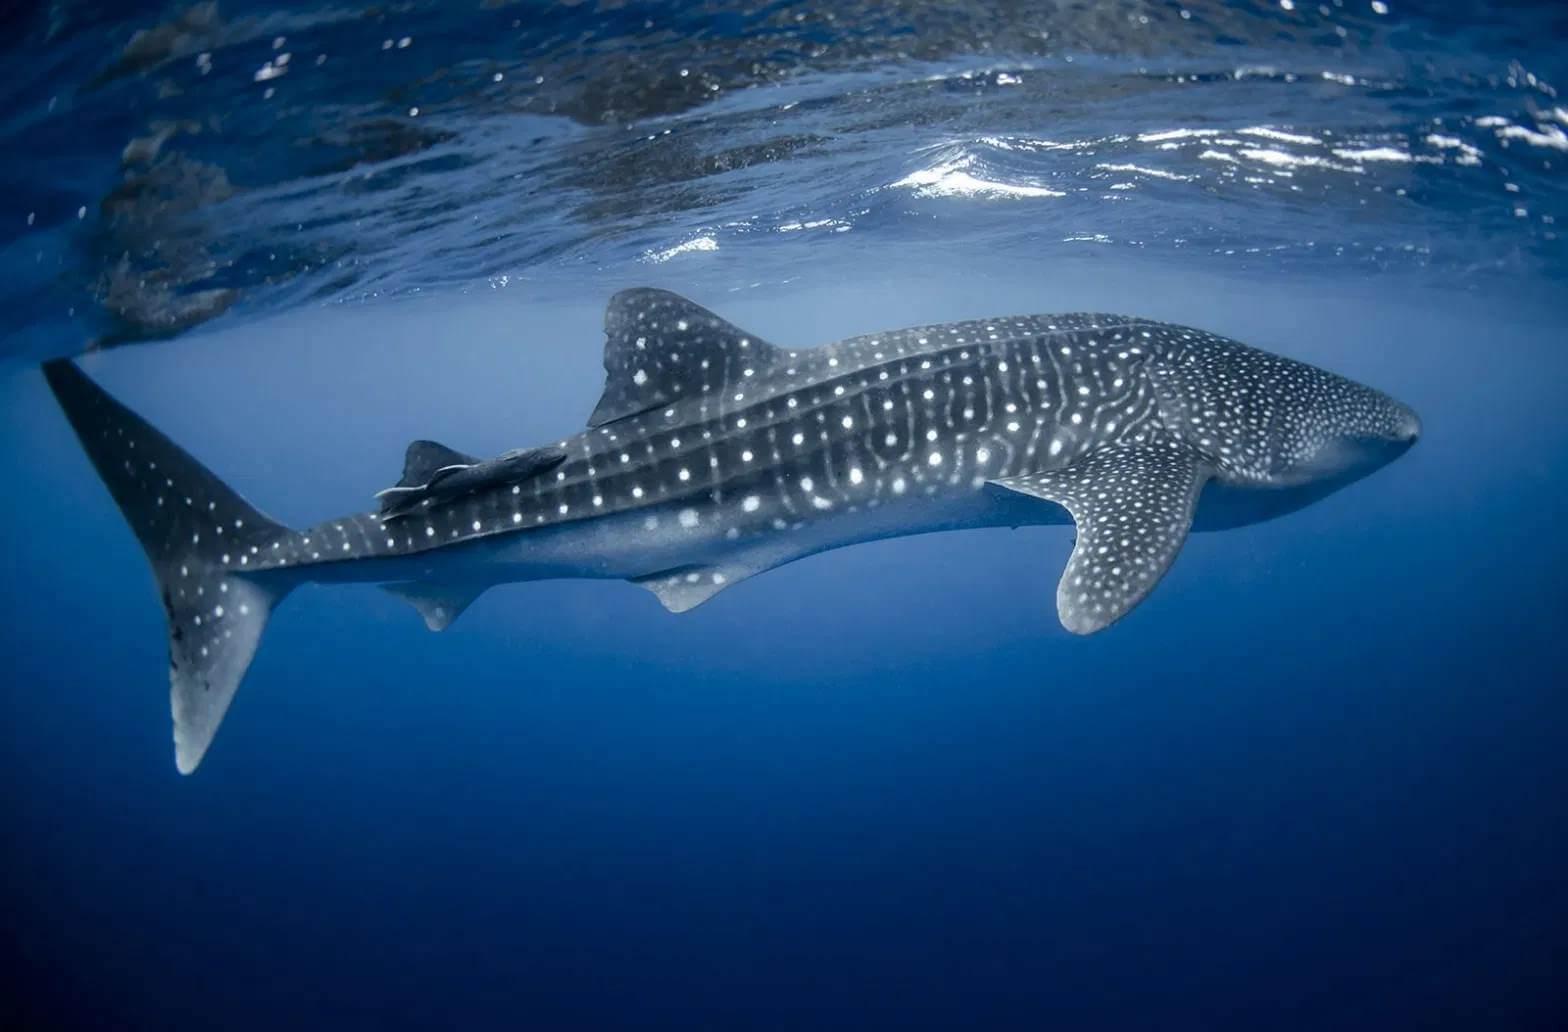 بزرگترین حیوانات کره زمین,بزرگترین جاندار روی کره زمین,بزرگترین جانداران روی کره زمین,